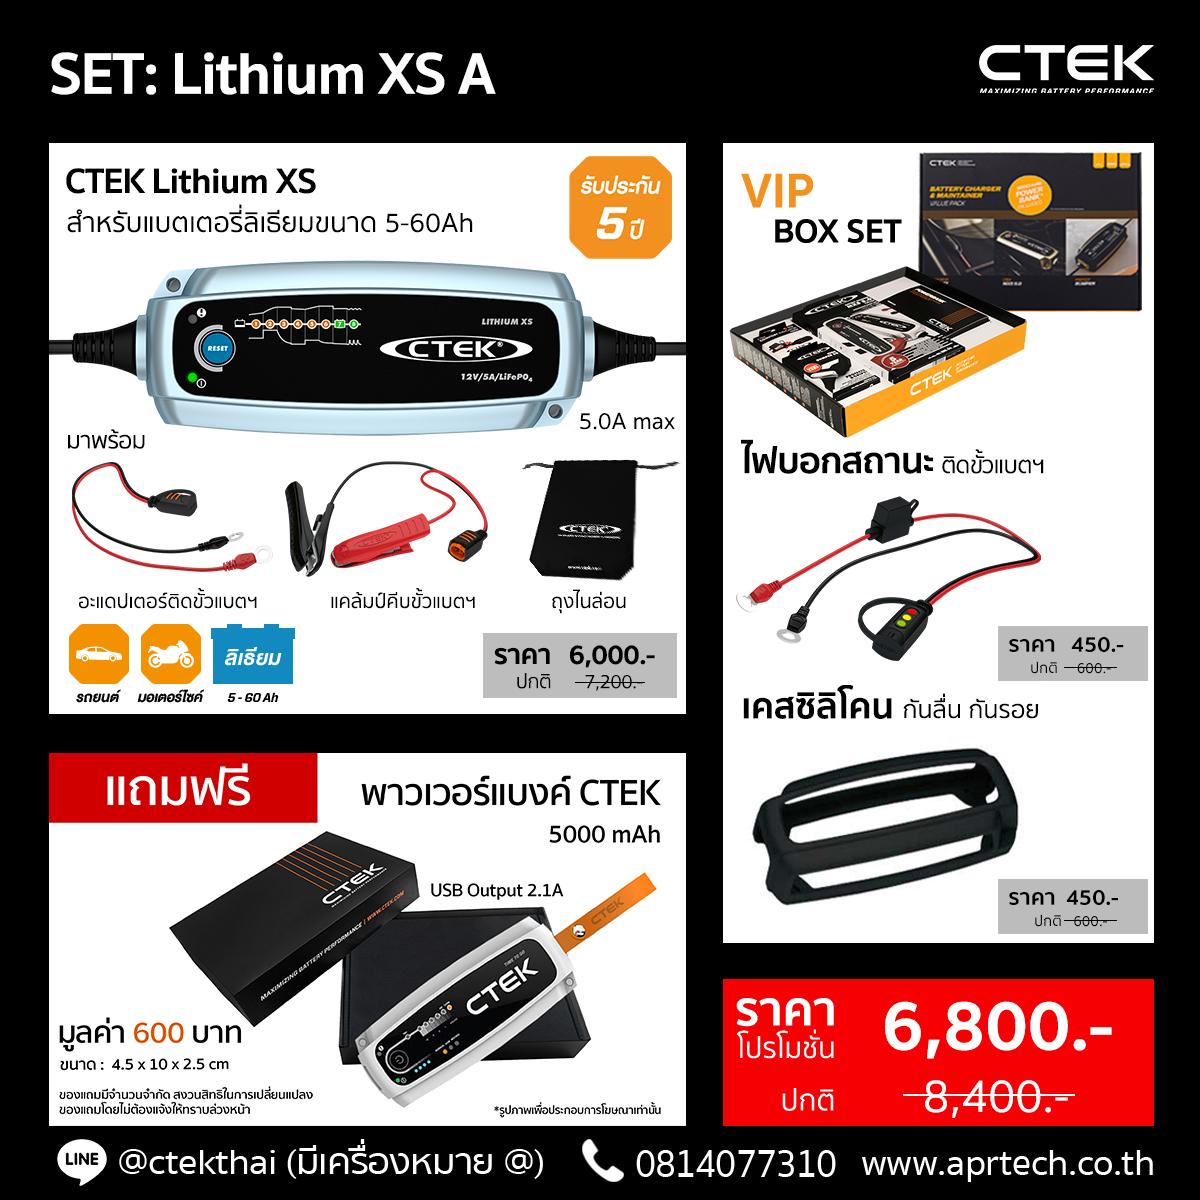 SET Lithium XS A (Lithium XS + Indicator Eyelet + Bumper)